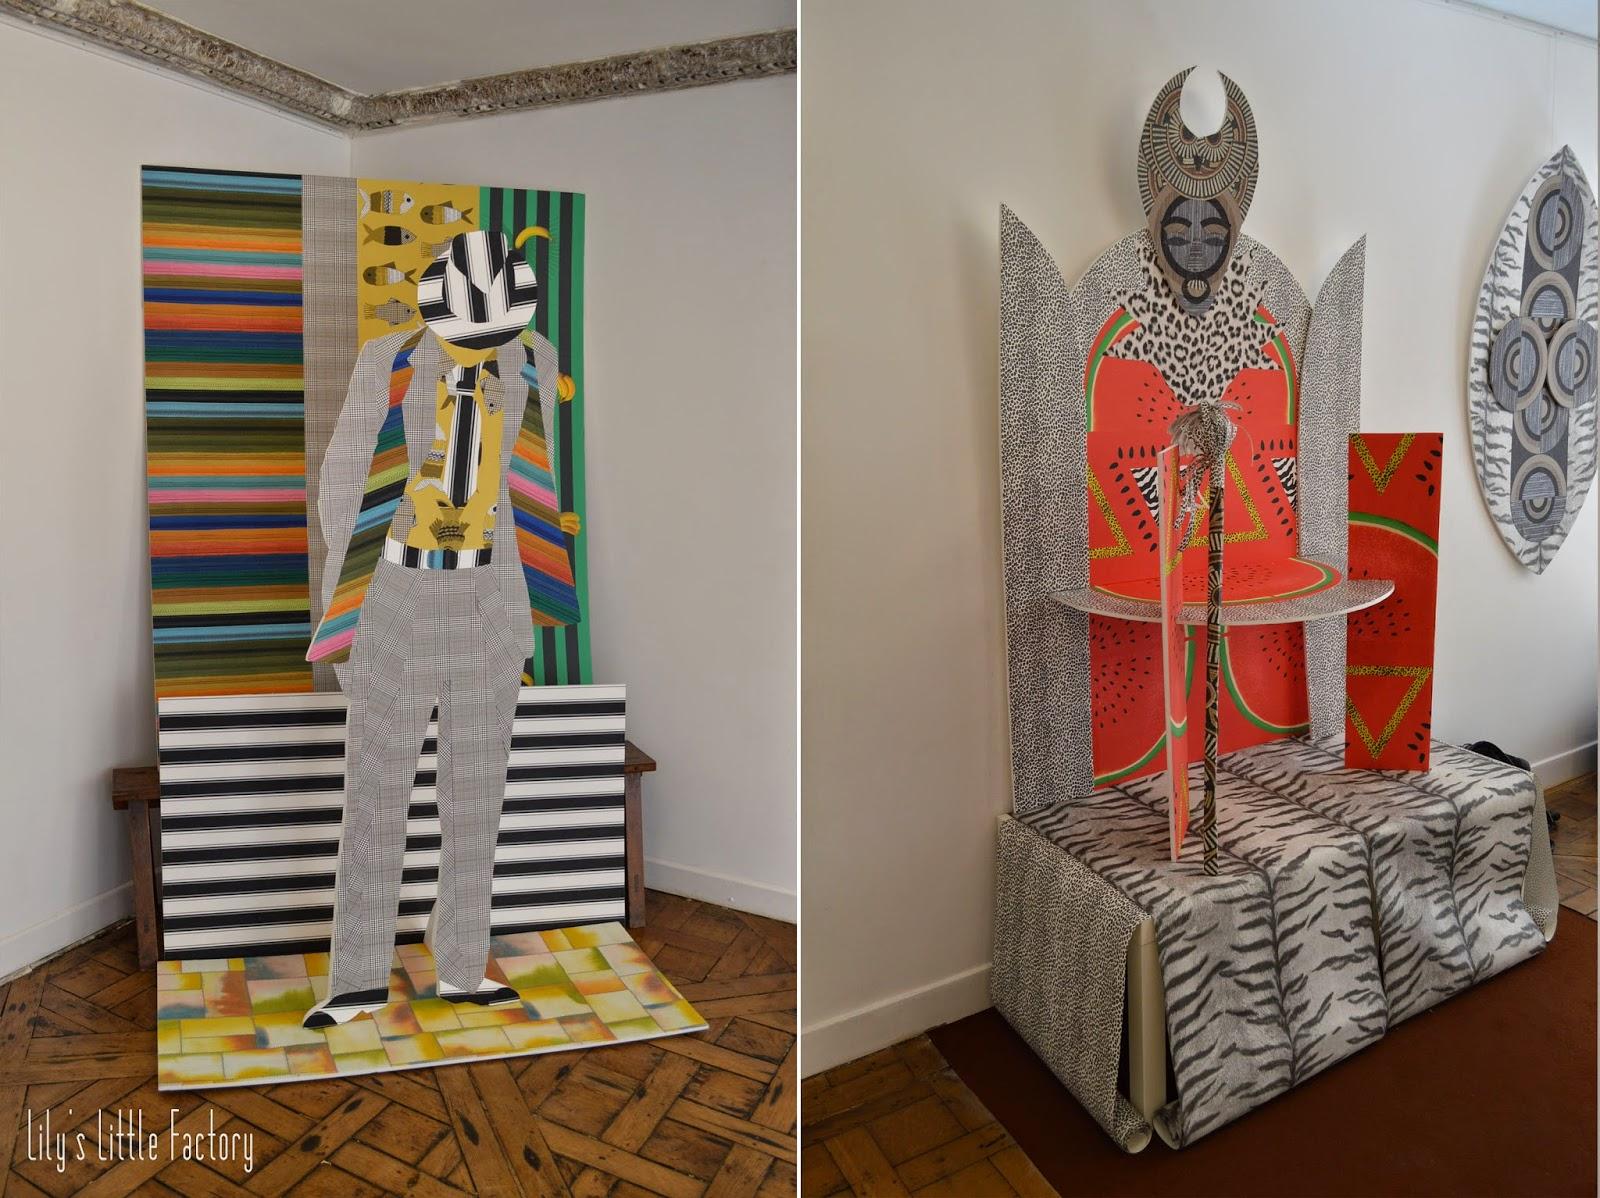 papier peint tendance 2015 - Tissus et papiers peints les tendances 2016 du Paris Déco